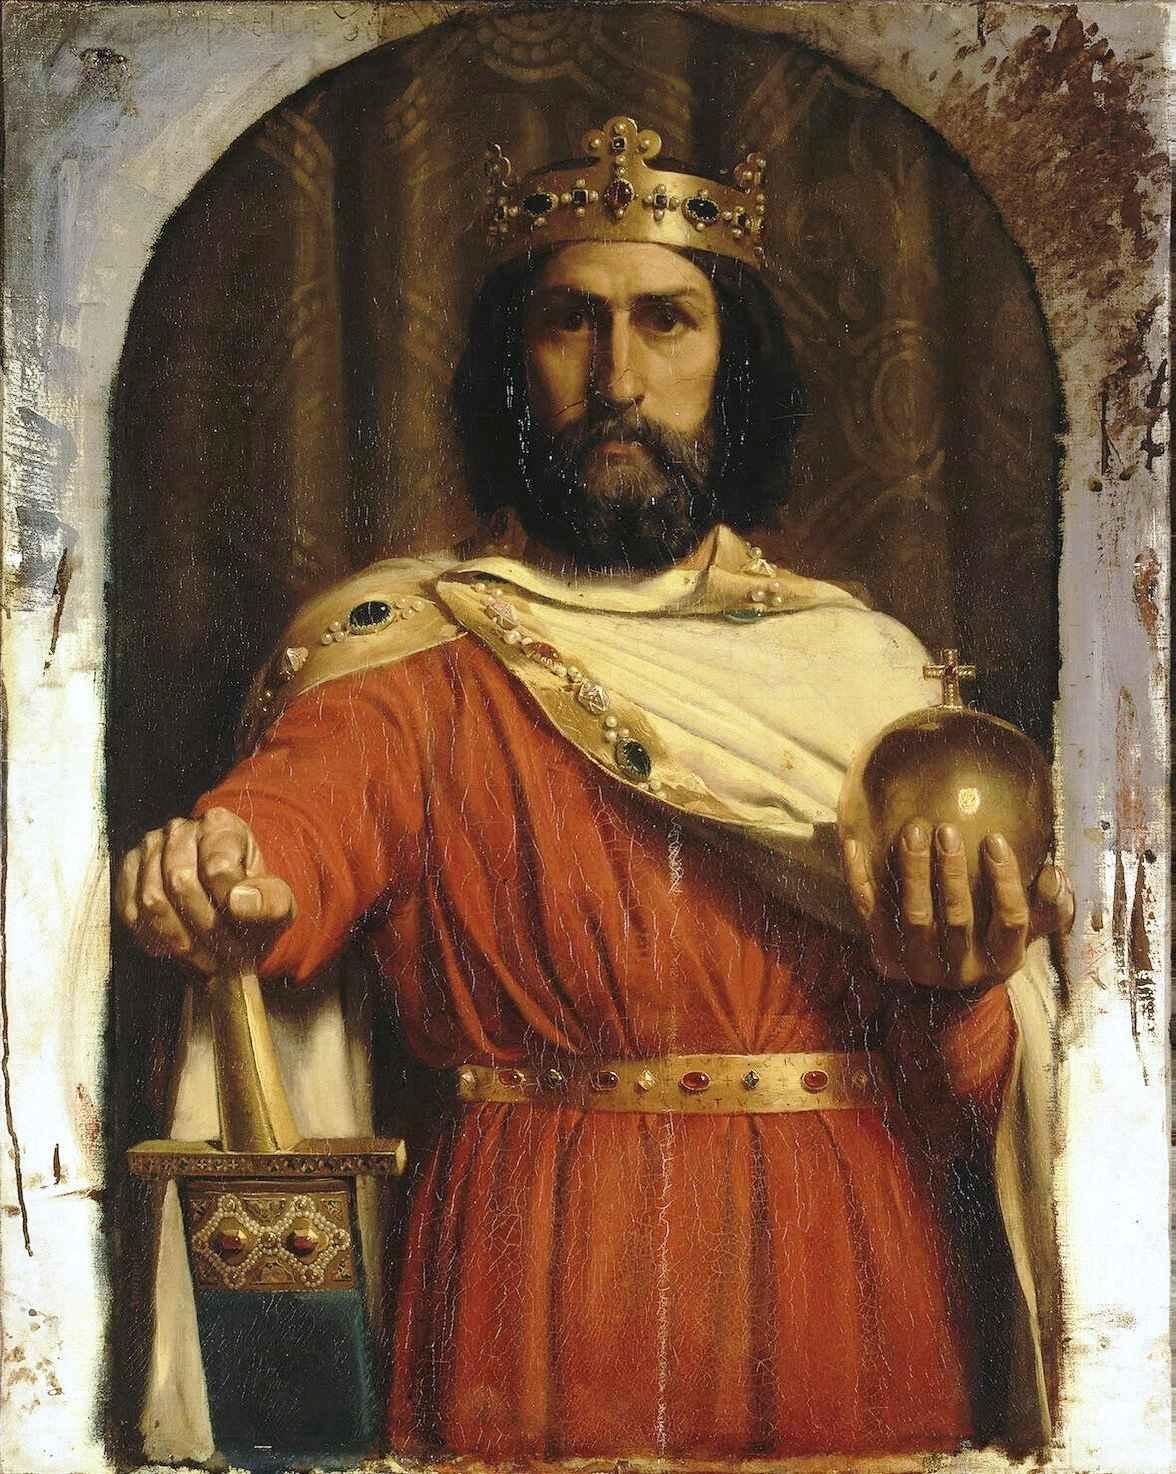 основные противники империи карла великого